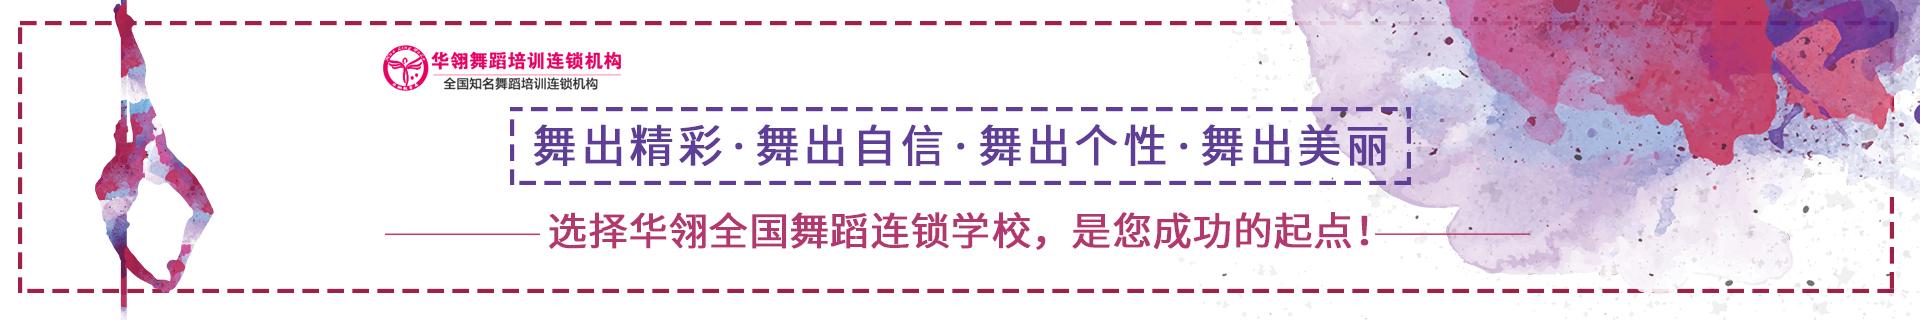 九江浔阳区华翎舞蹈培训机构